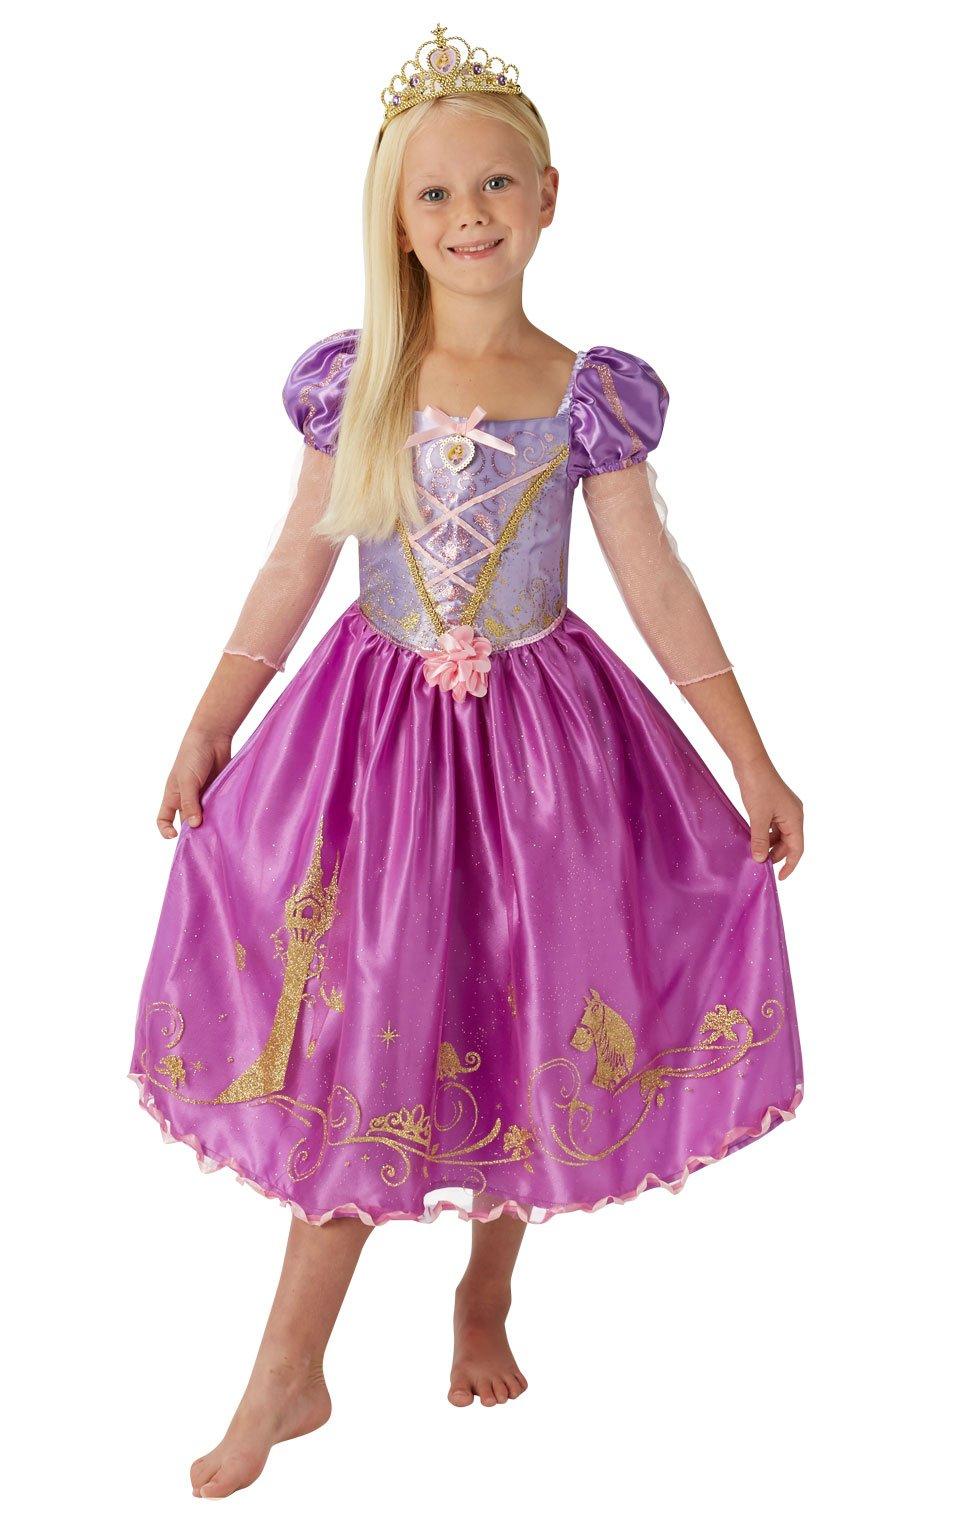 Robe de Princesse Raiponce Disney par Rubie's - Costume pour Enfants product image